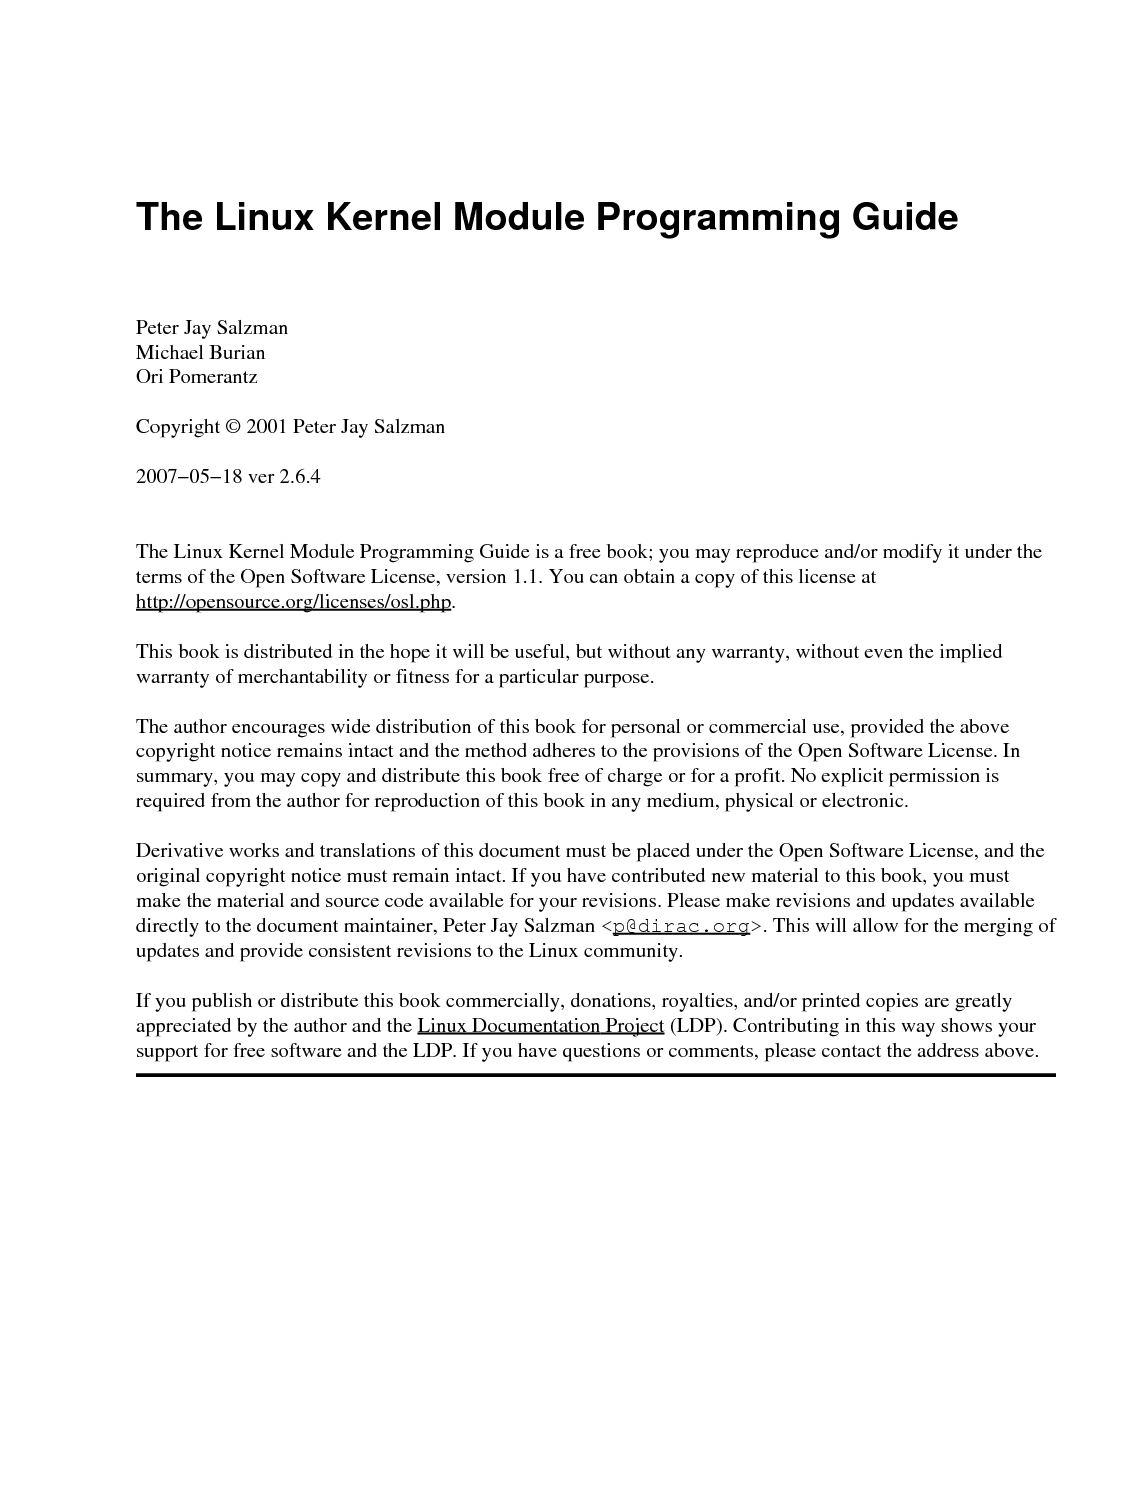 linux kernel module dependencies makefile